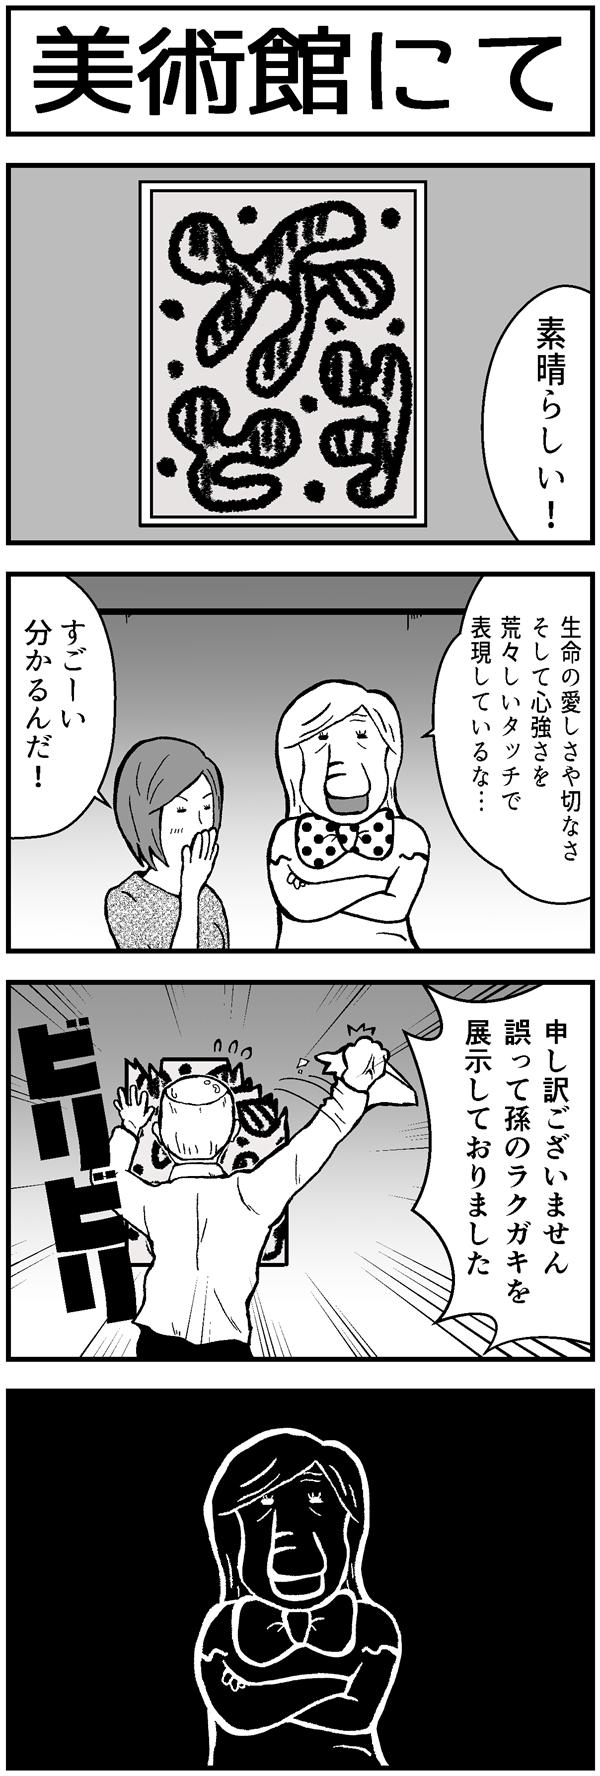 4コマ漫画「美術館にて」